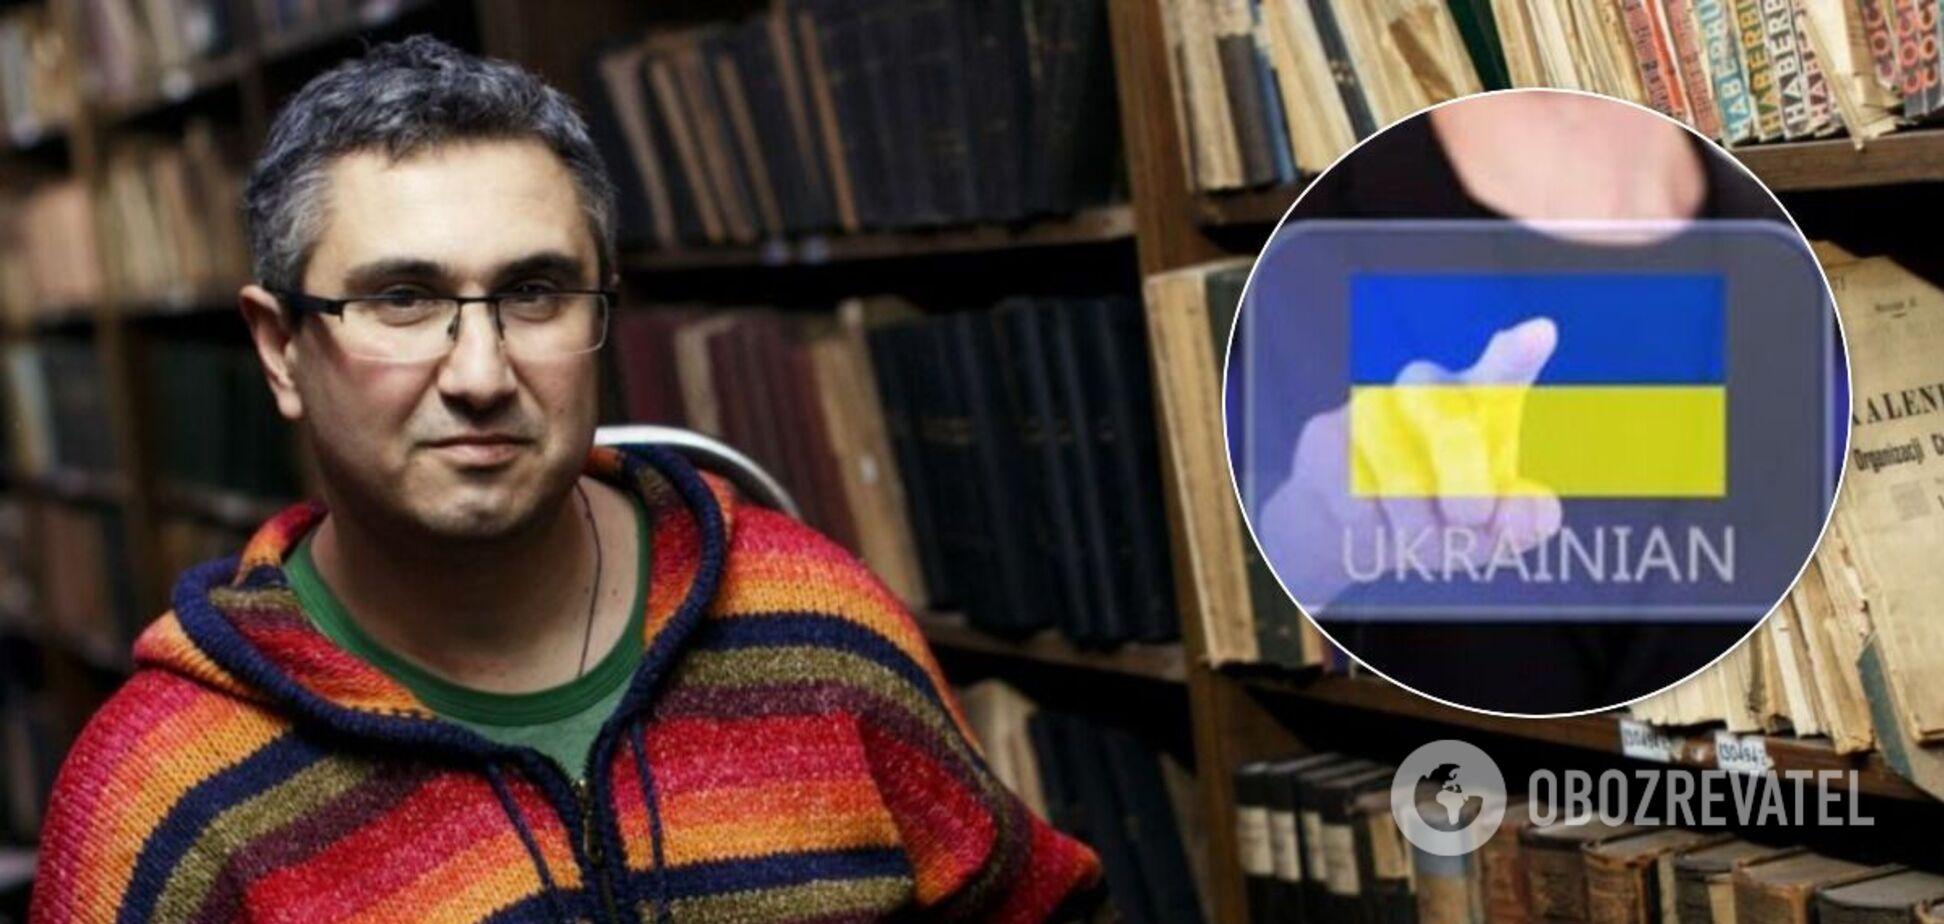 Історик Вахтанг Кіпіані